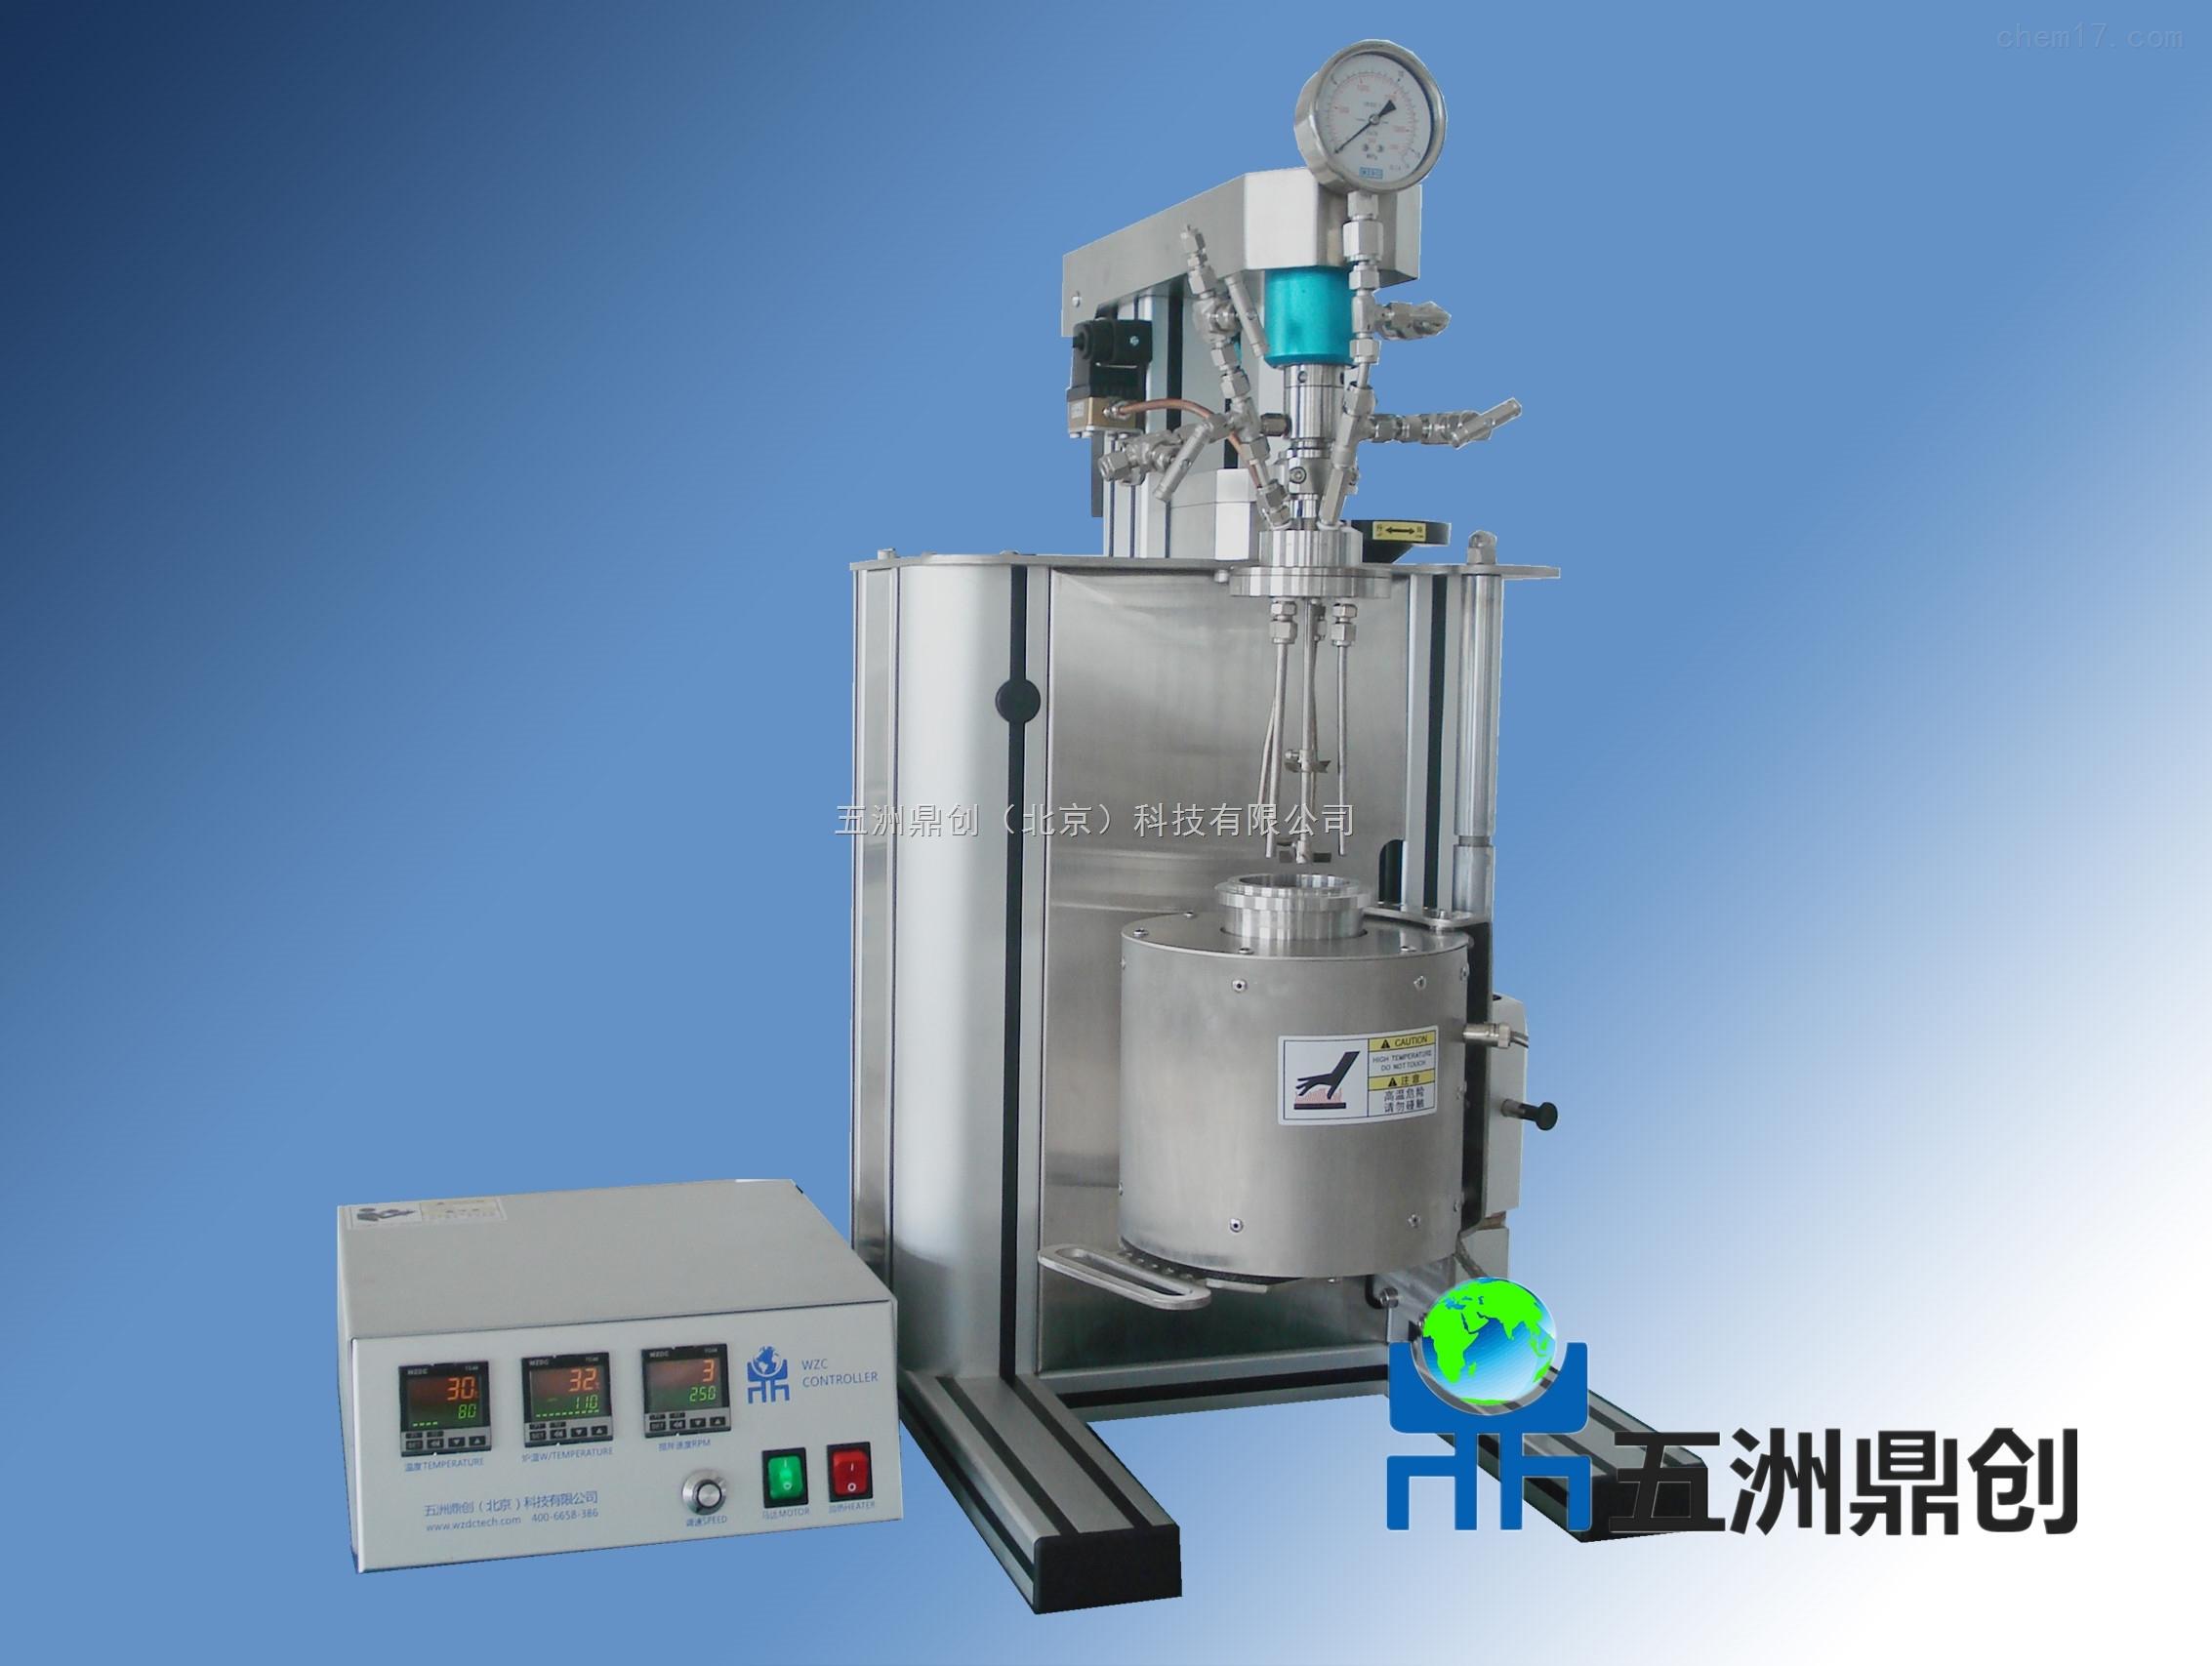 WZ北京鼎创 WZ系列实验室机械搅拌高压反应釜